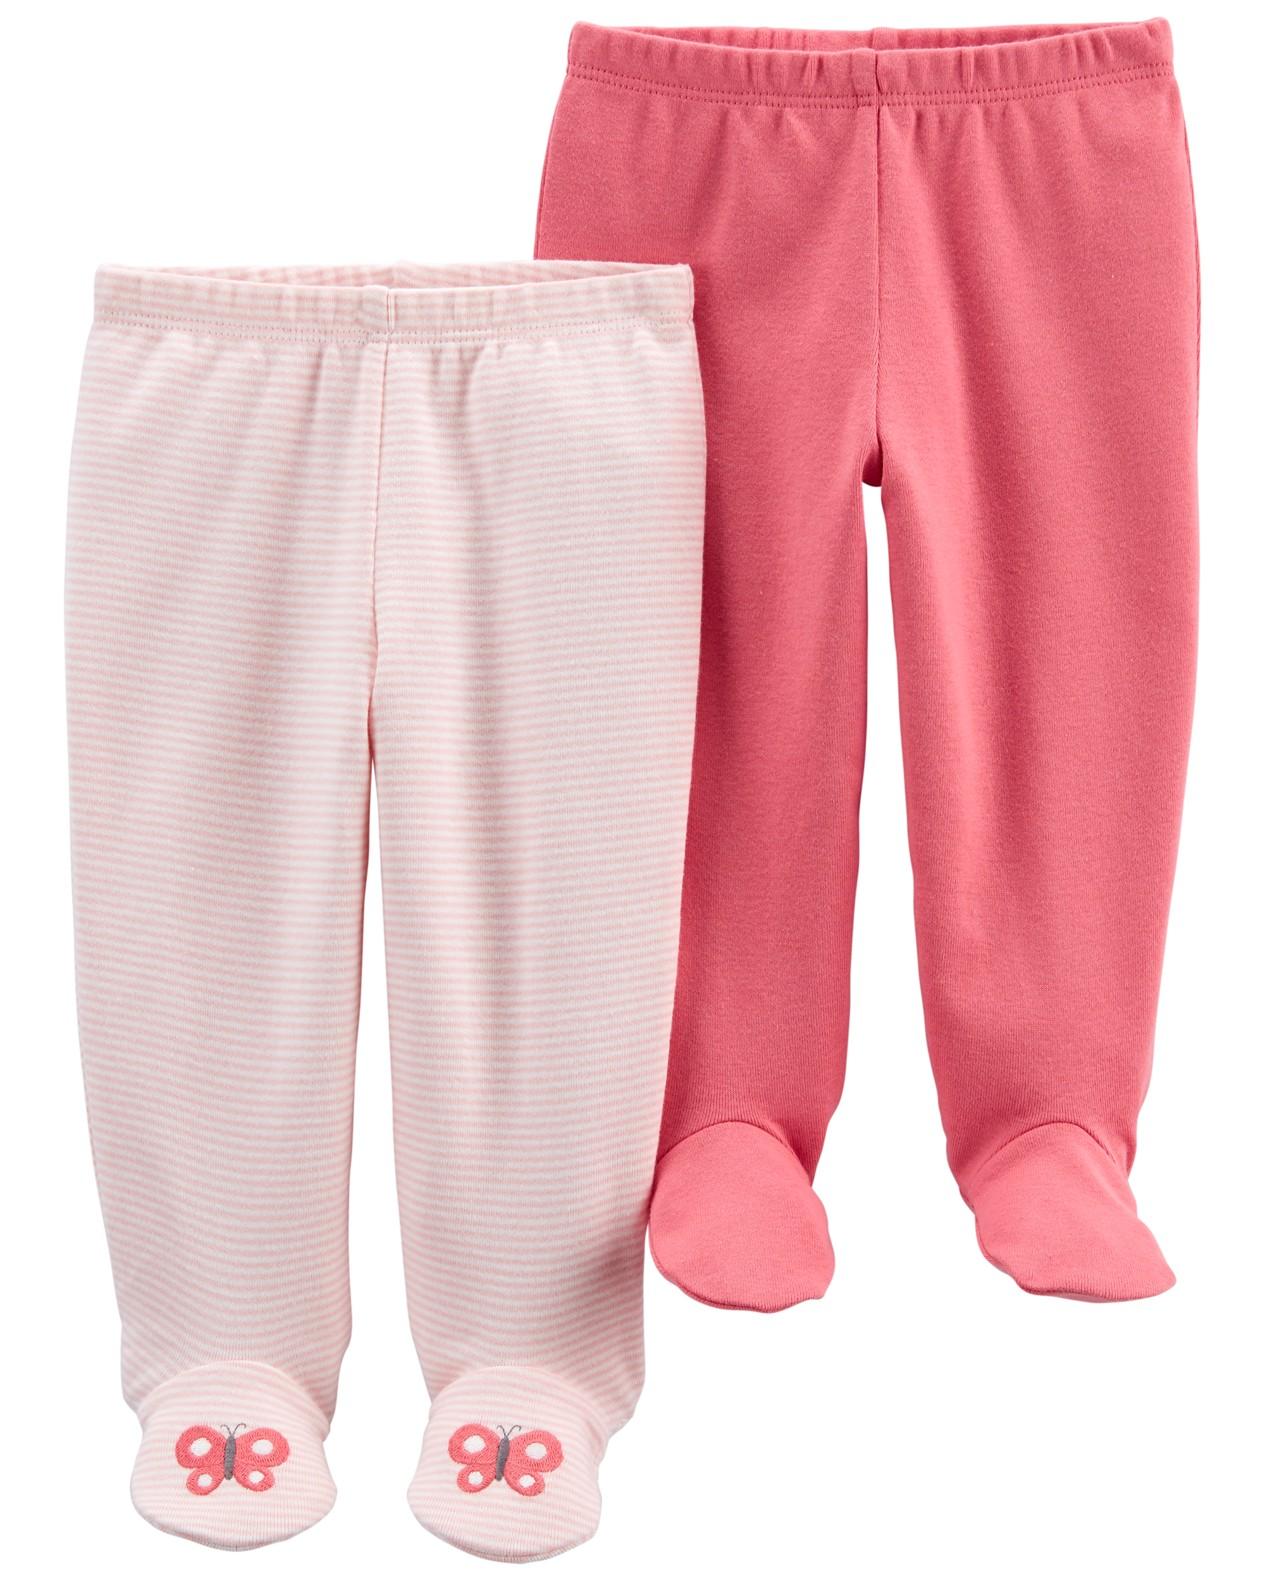 CARTER'S Polodupačky Pink dievča LBB 2ks PRE, veľ. 46